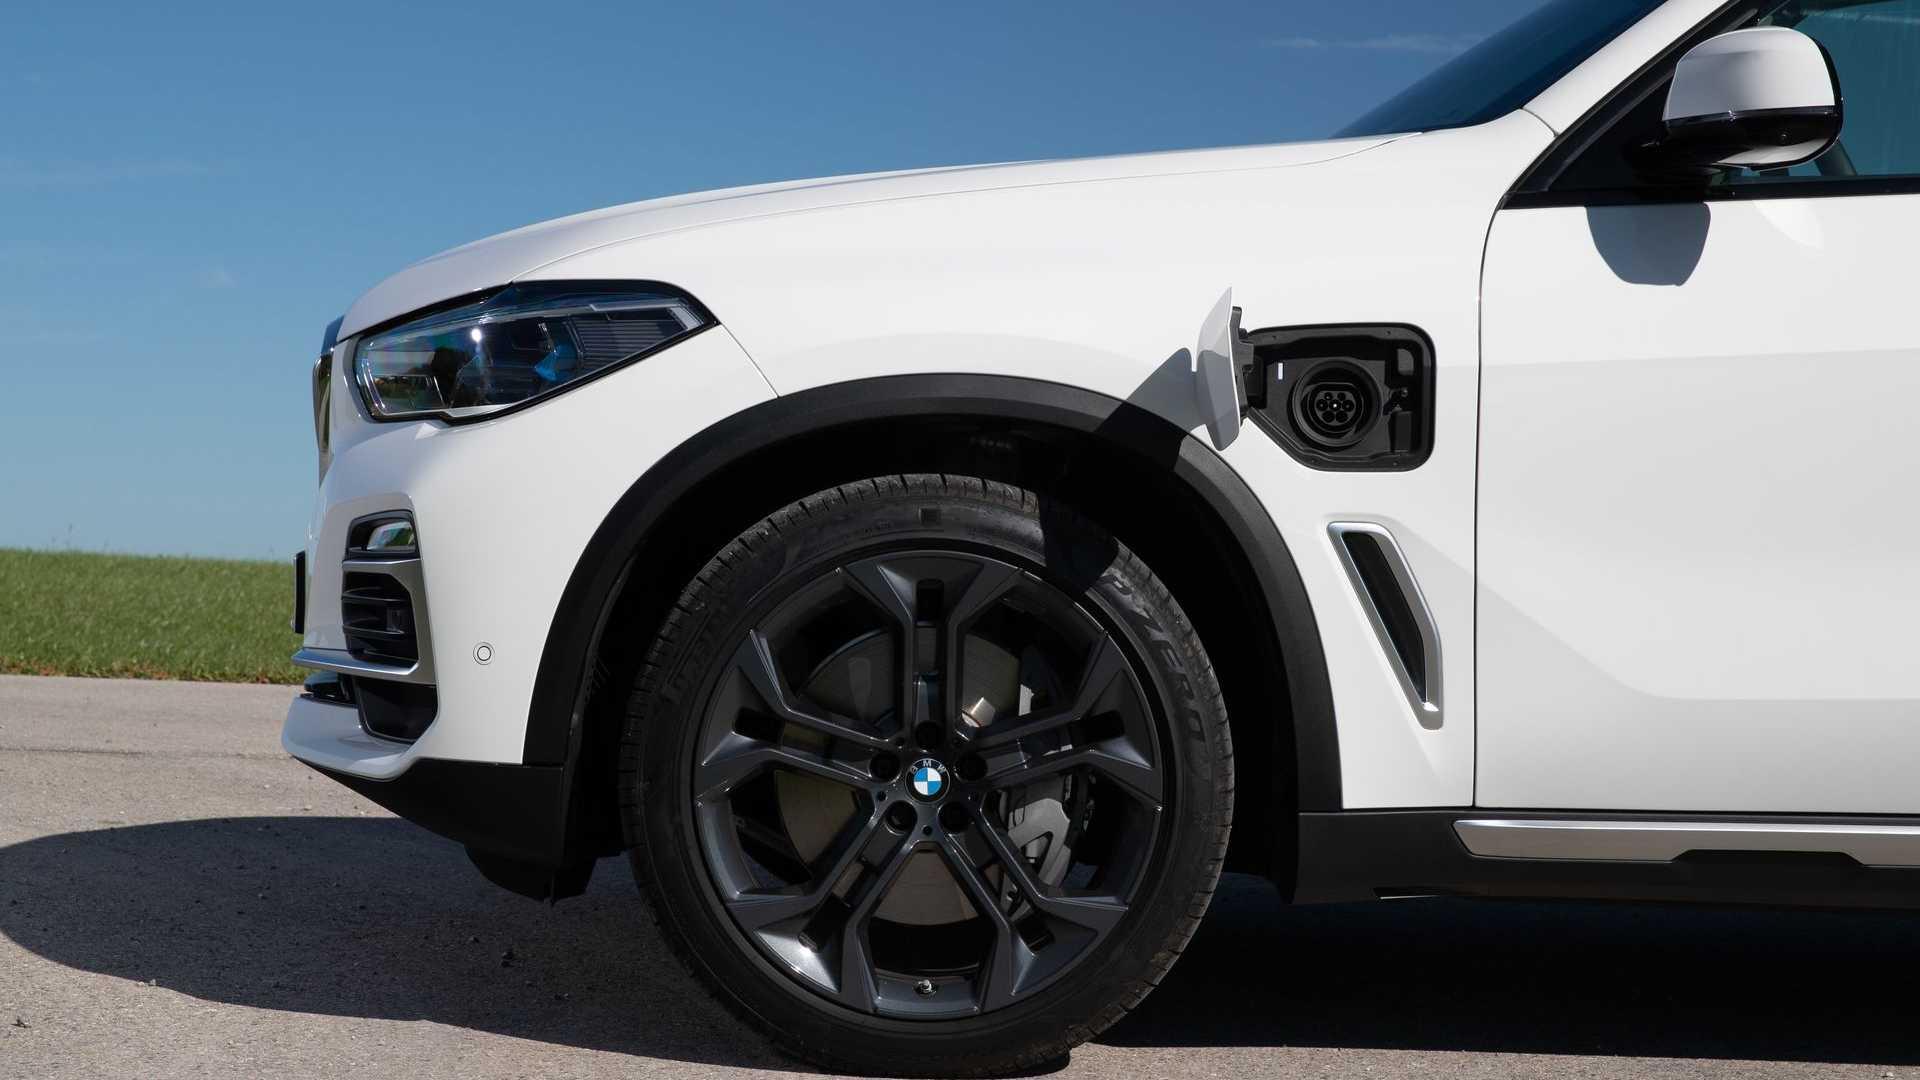 Вот позиция BMW Group на рынке подключаемых электромобилей: май 2020